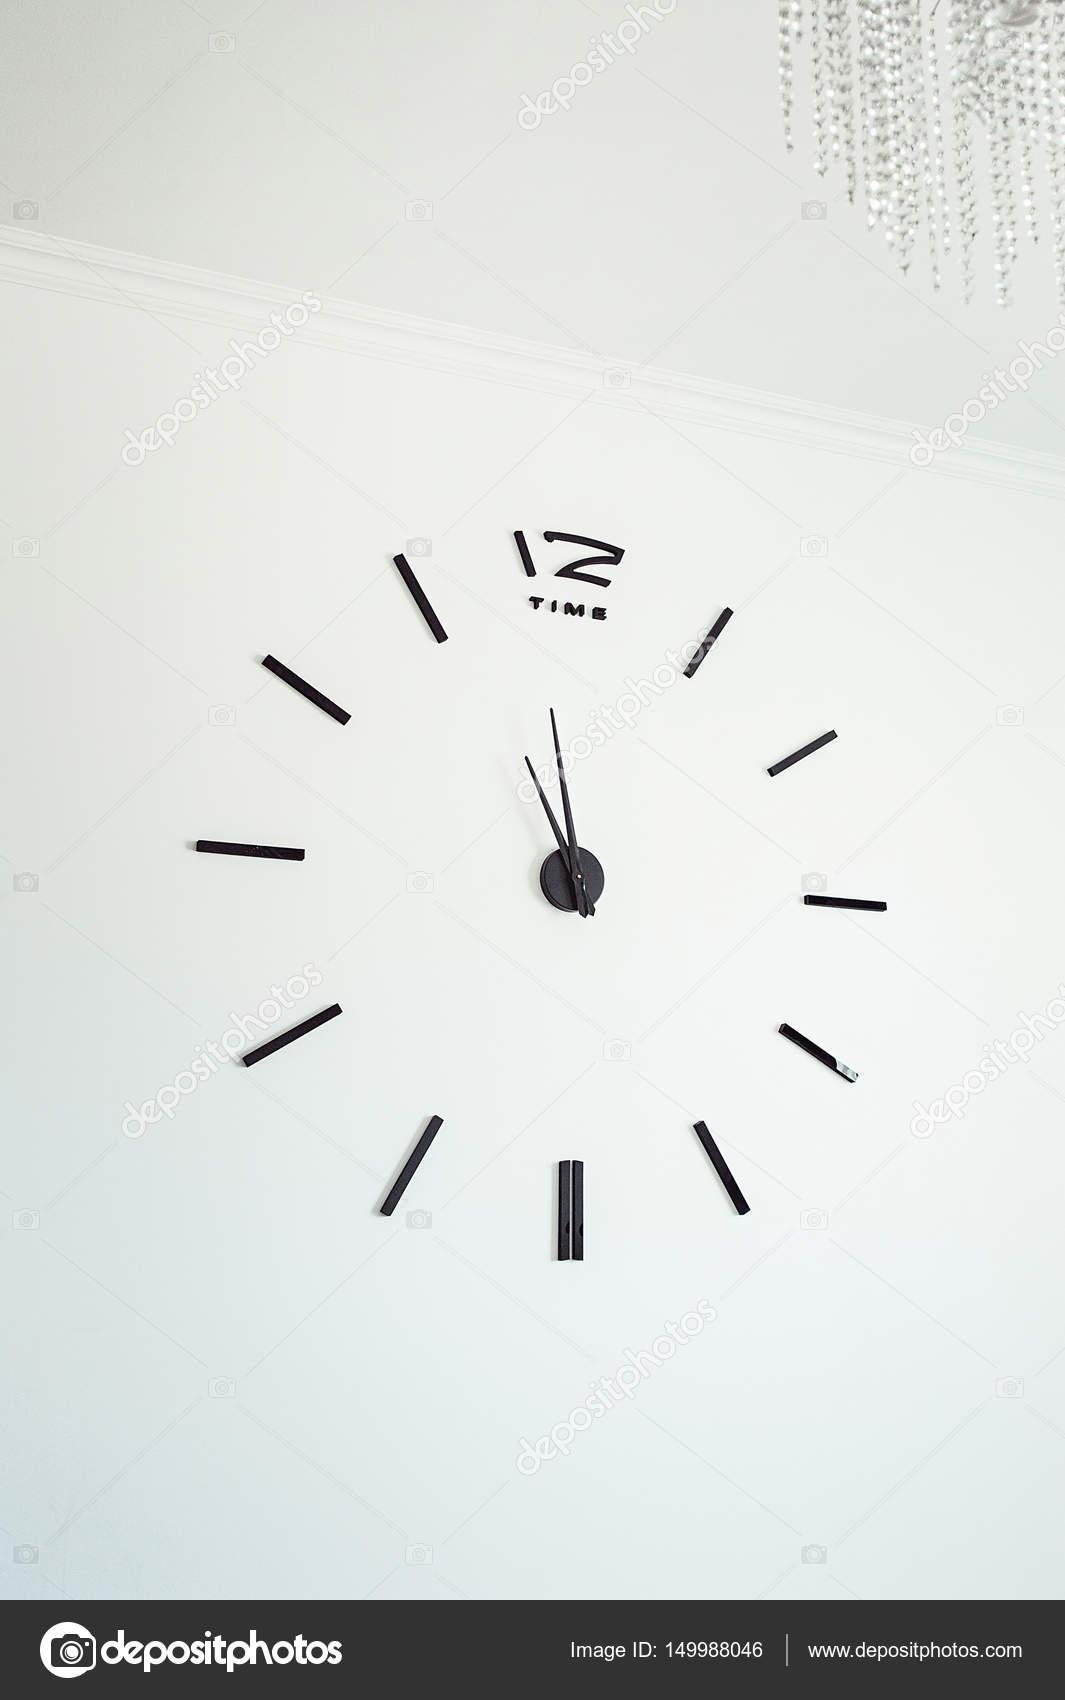 Reloj de pared sin marco en pared de hormigón blanco. Minimalizm ...